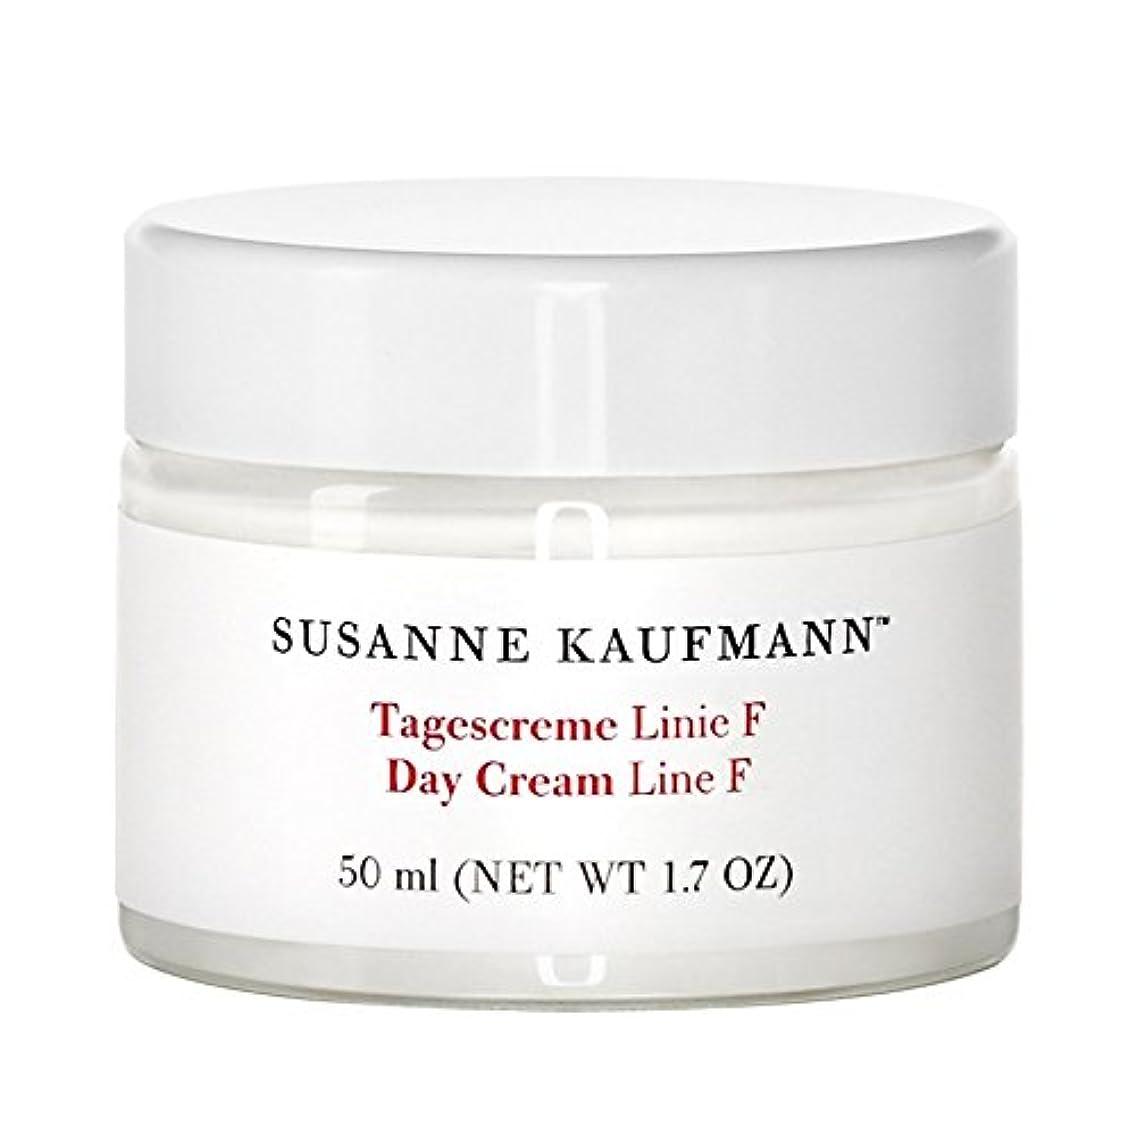 背が高い怒ってファンシー50ミリリットルスザンヌカウフマンデイクリームライン x4 - Susanne Kaufmann Day Cream Line F 50ml (Pack of 4) [並行輸入品]